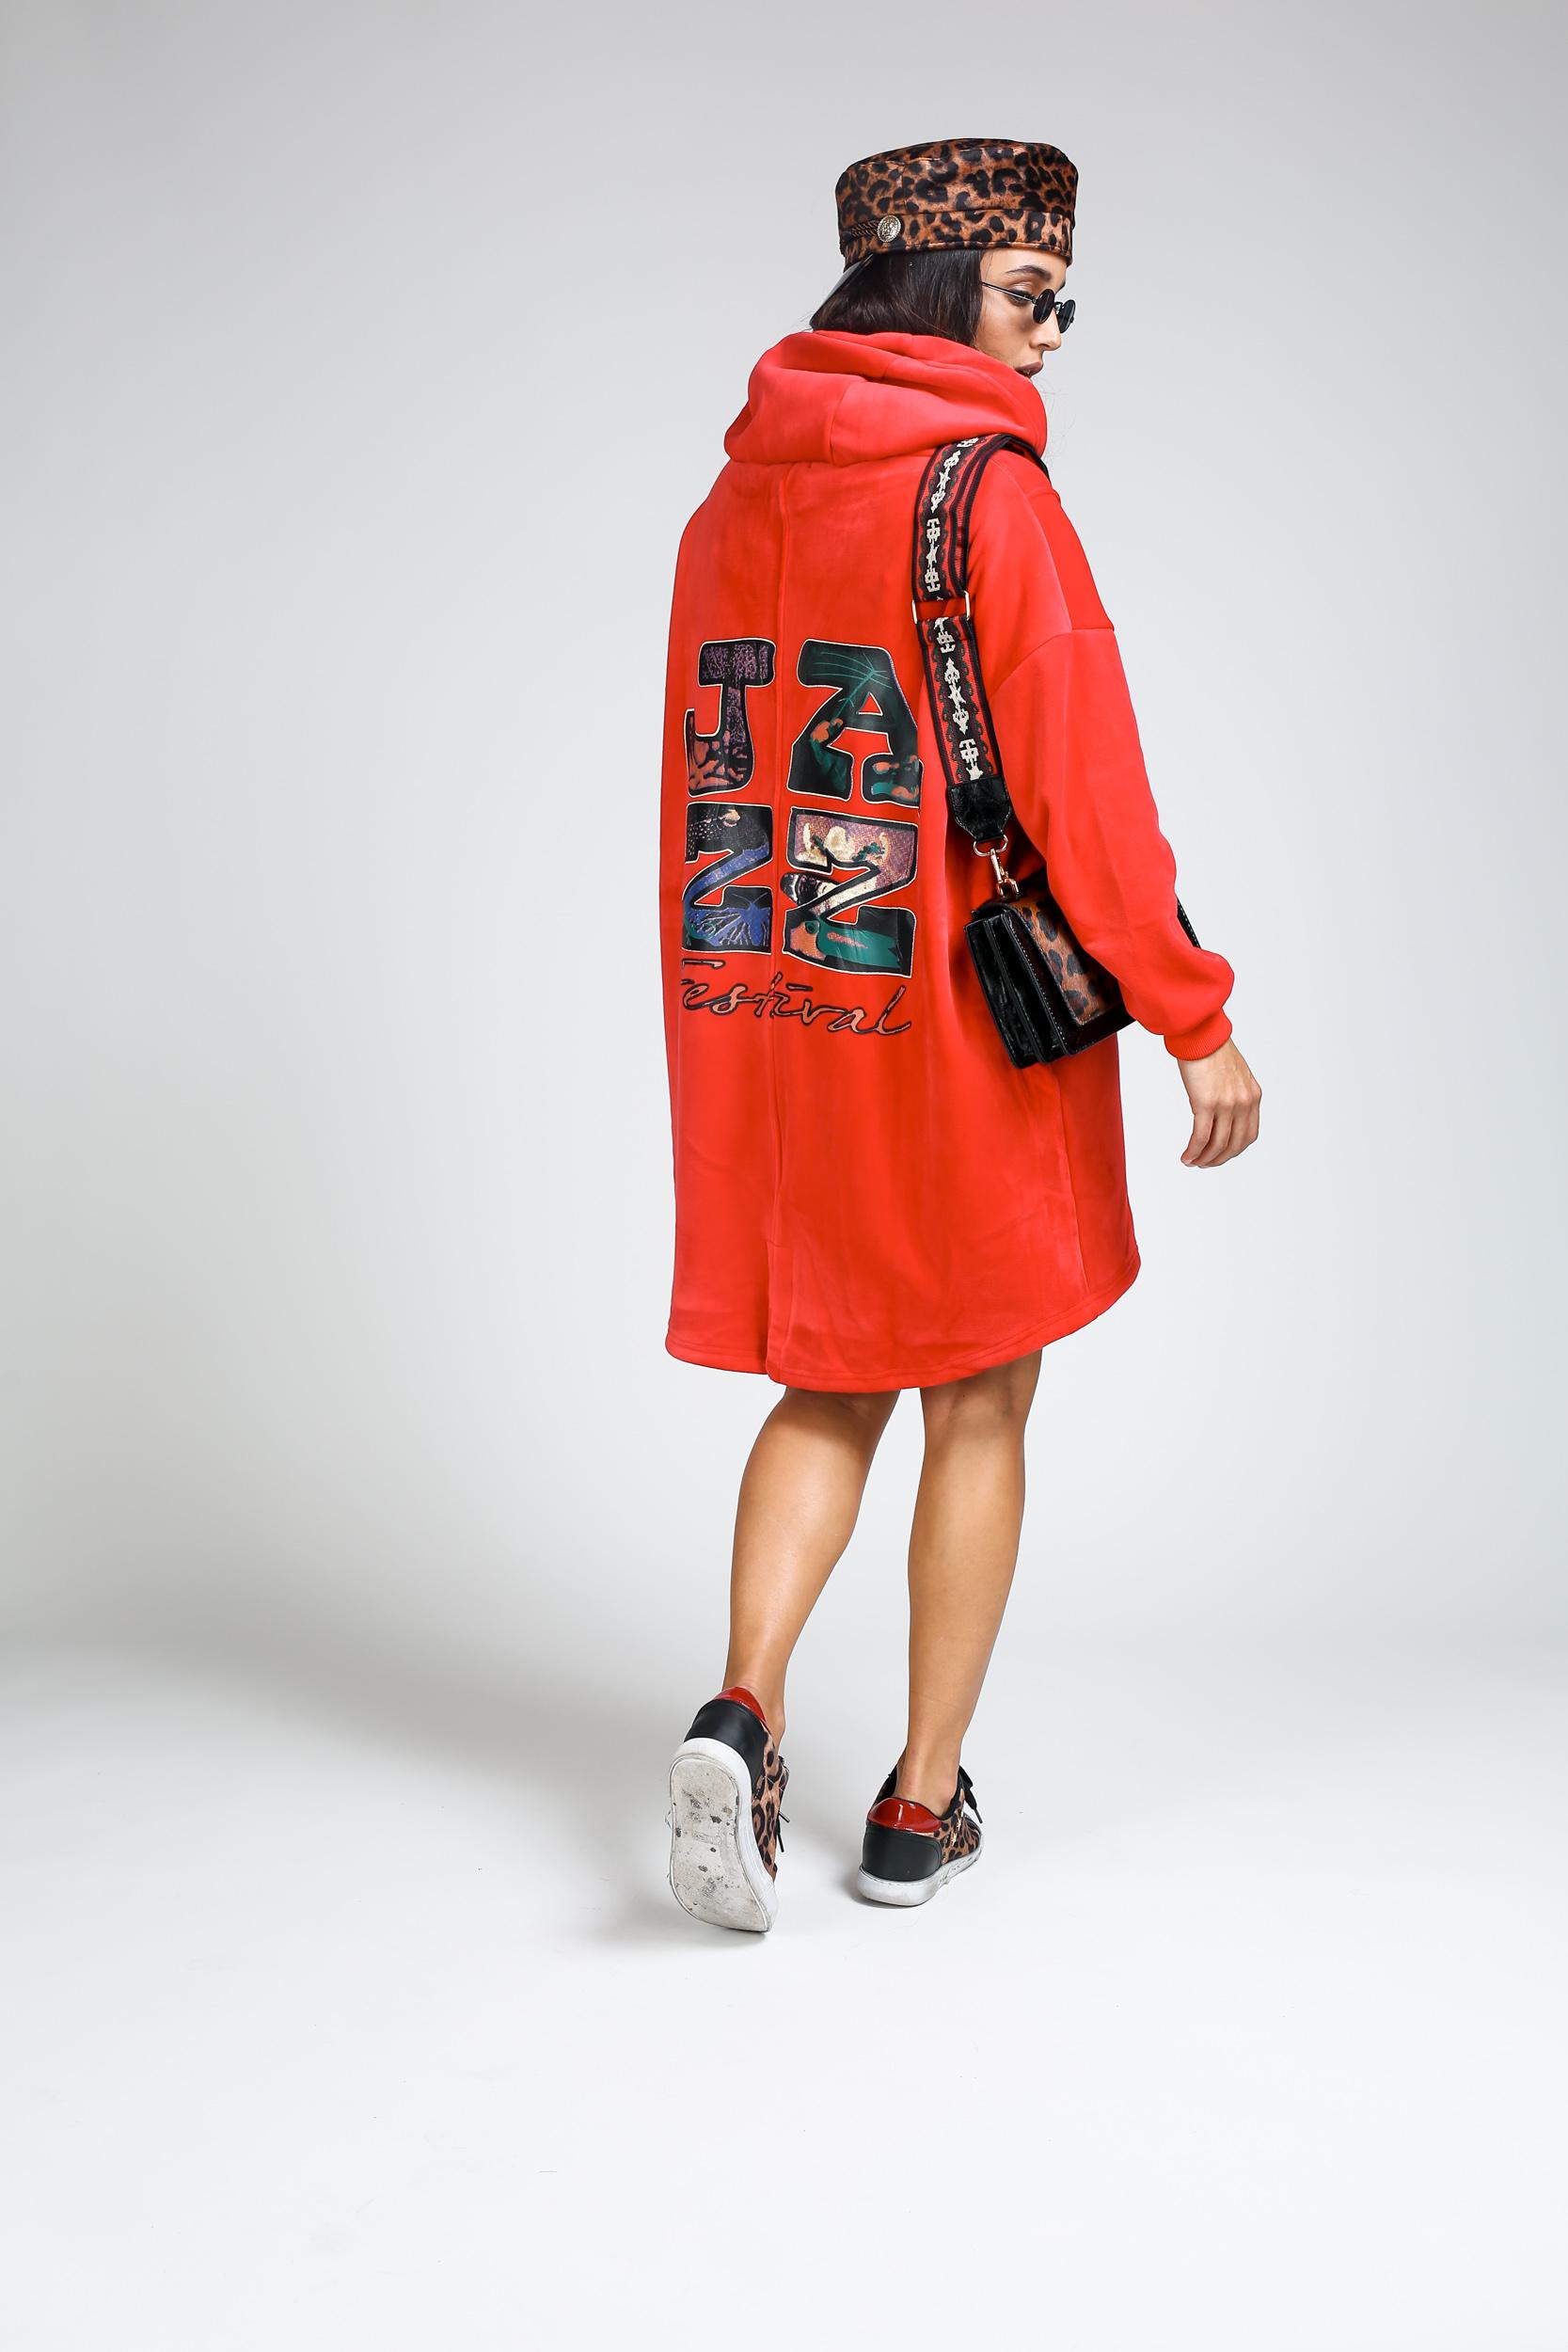 שמלת פוטר פסטיבל